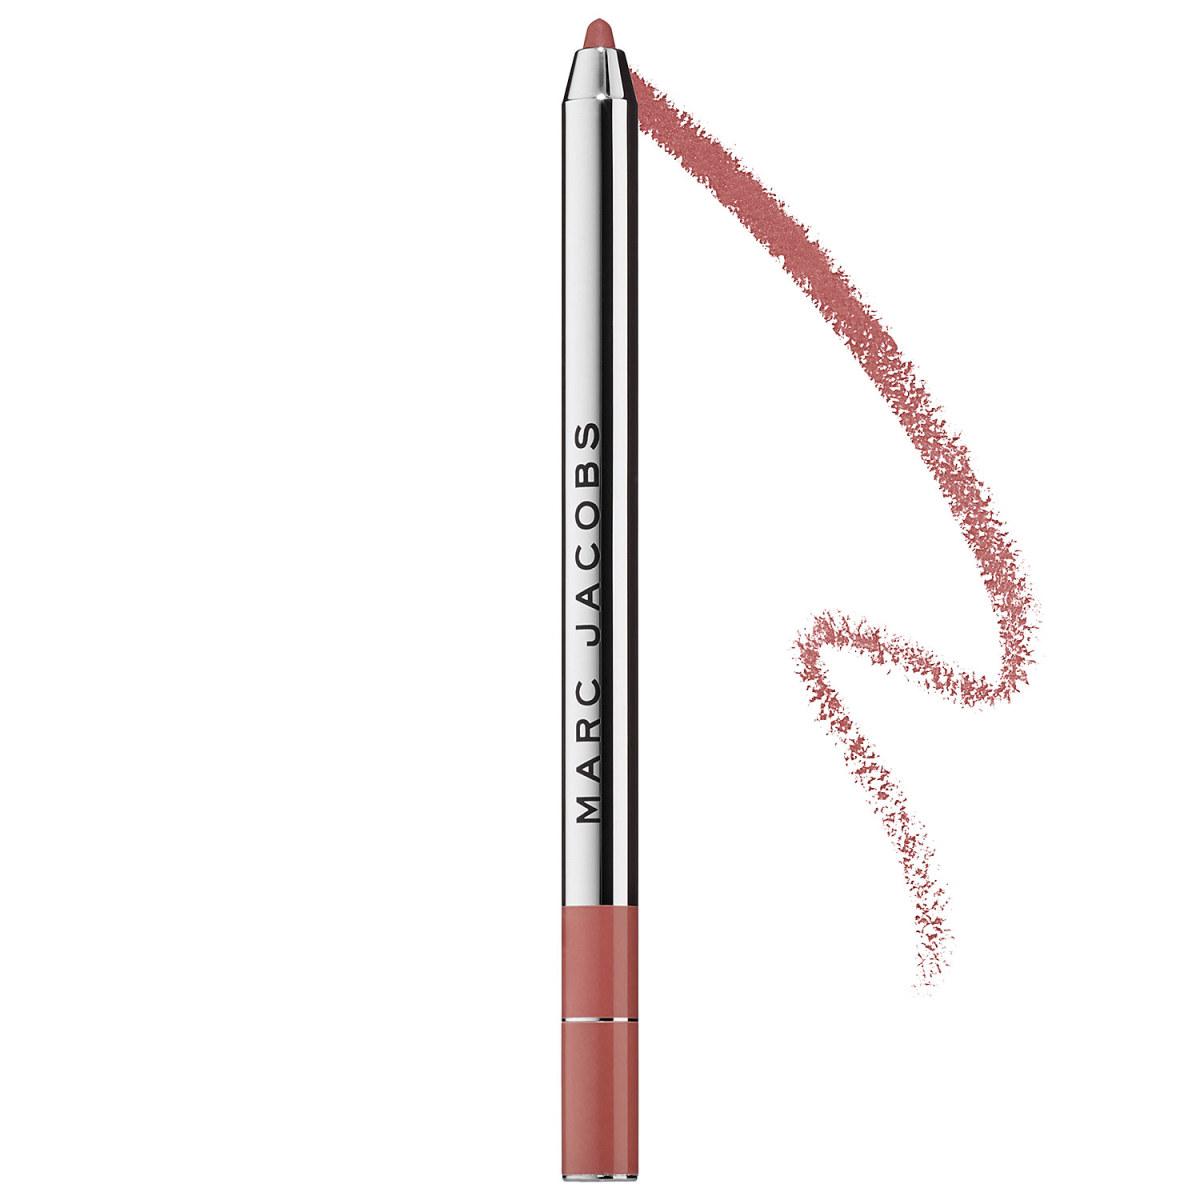 Marc Jacobs Poutliner Longwear Lip Liner Pencil